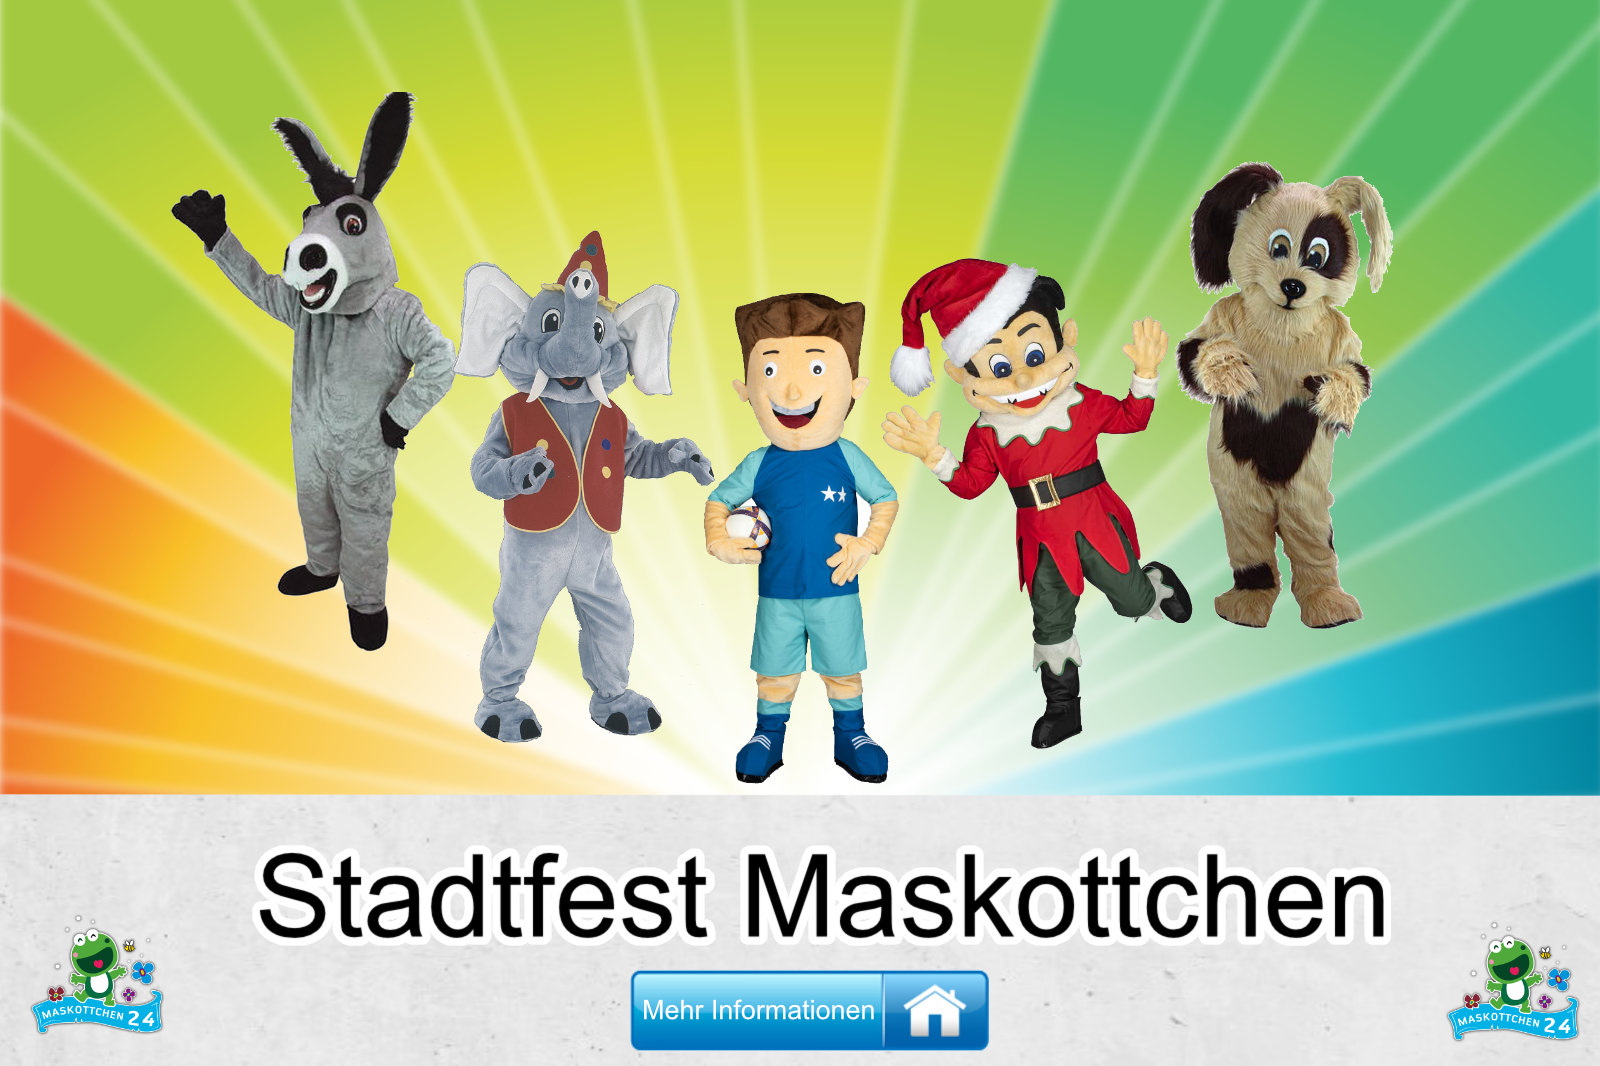 Stadtfest Kostüme Maskottchen Herstellung Firma günstig kaufen